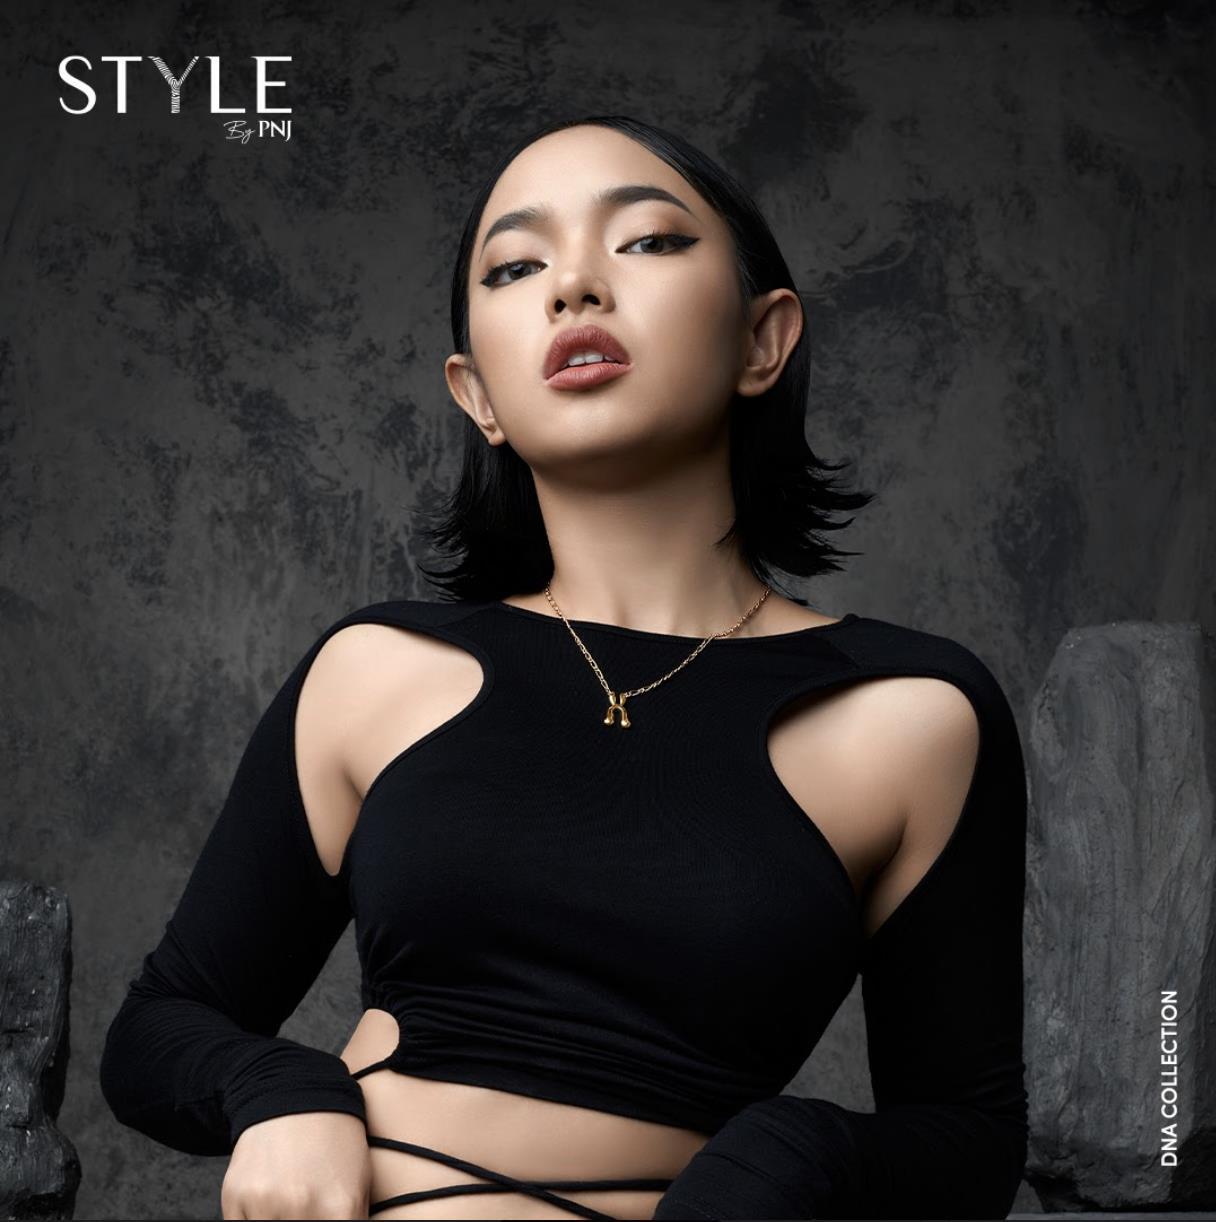 """Châu Bùi và hành trình trở thành """"Forbes Under 30 châu Á: Cảm hứng cho người trẻ cất lên tuyên ngôn cá tính - Ảnh 2."""